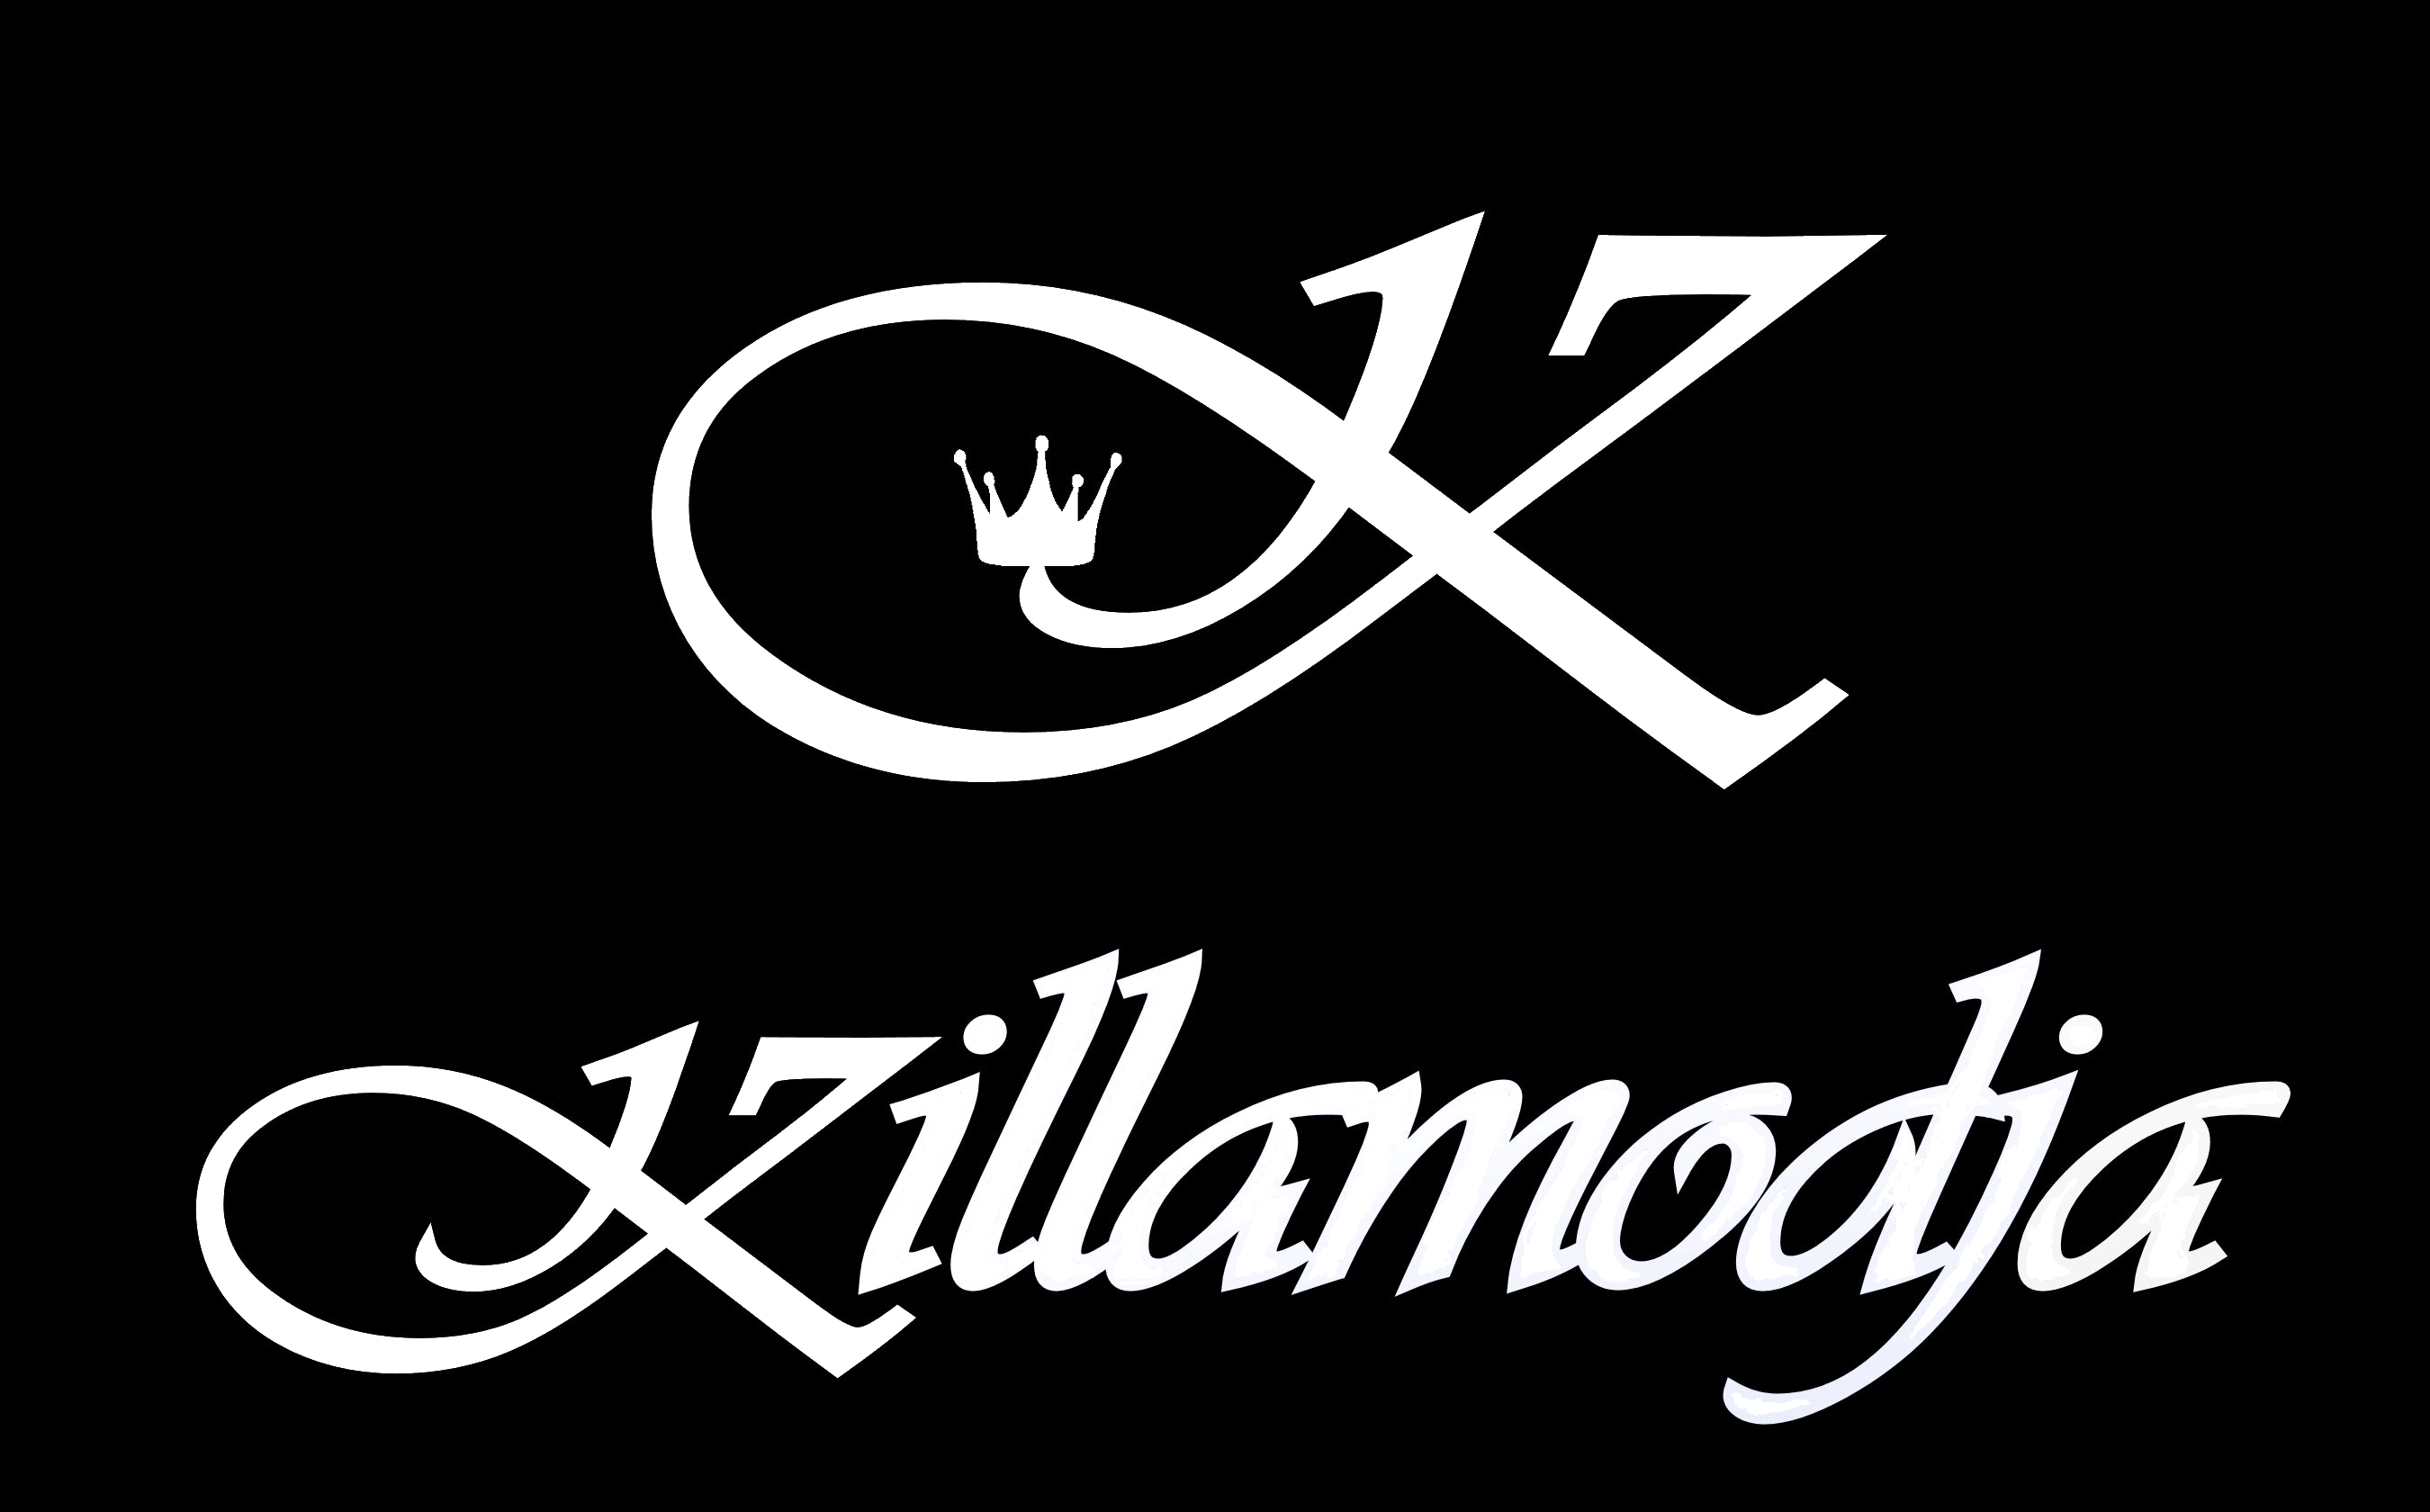 KILLAMODJA – Maison d'édition – Décoration d'intérieur.